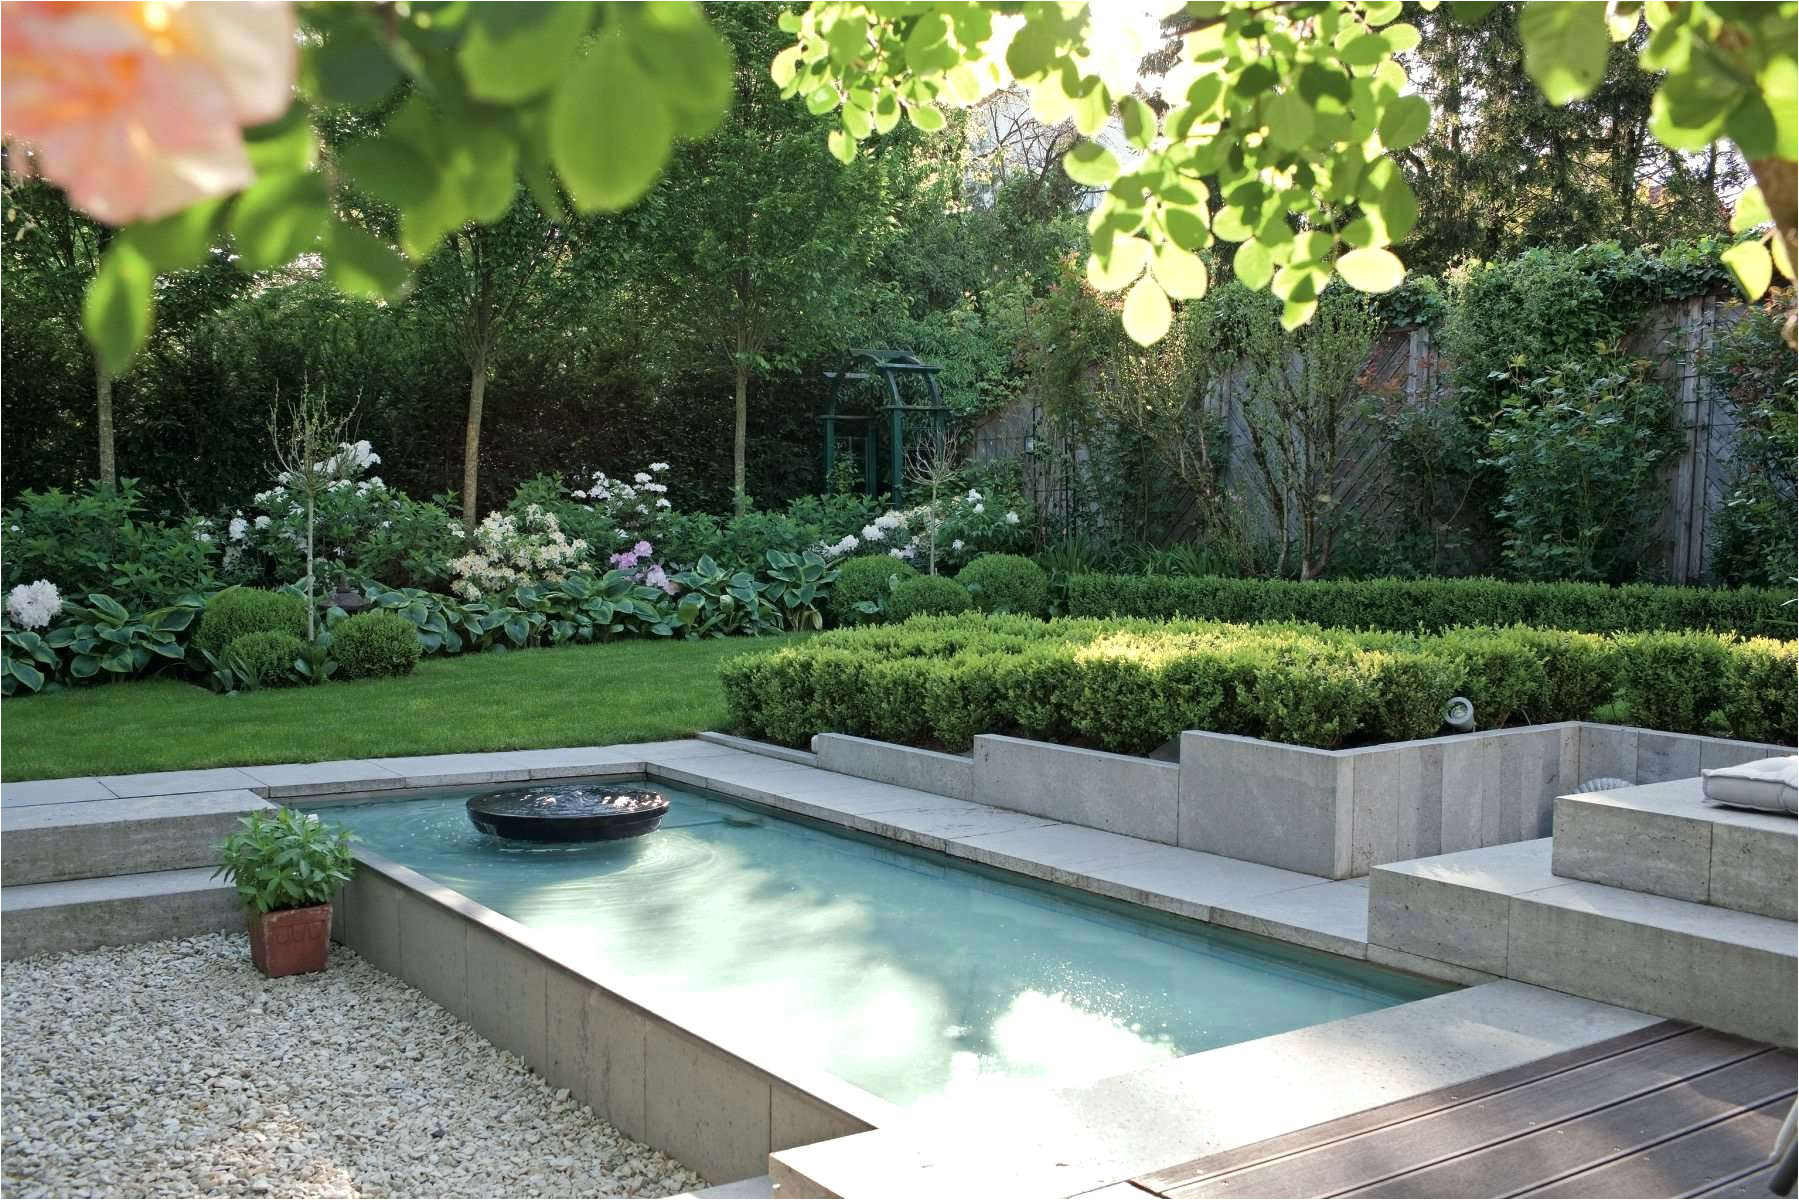 gartenmauern gestalten ideen genial garten renovieren kosten elegant formaler reihenhausgarten 0d design